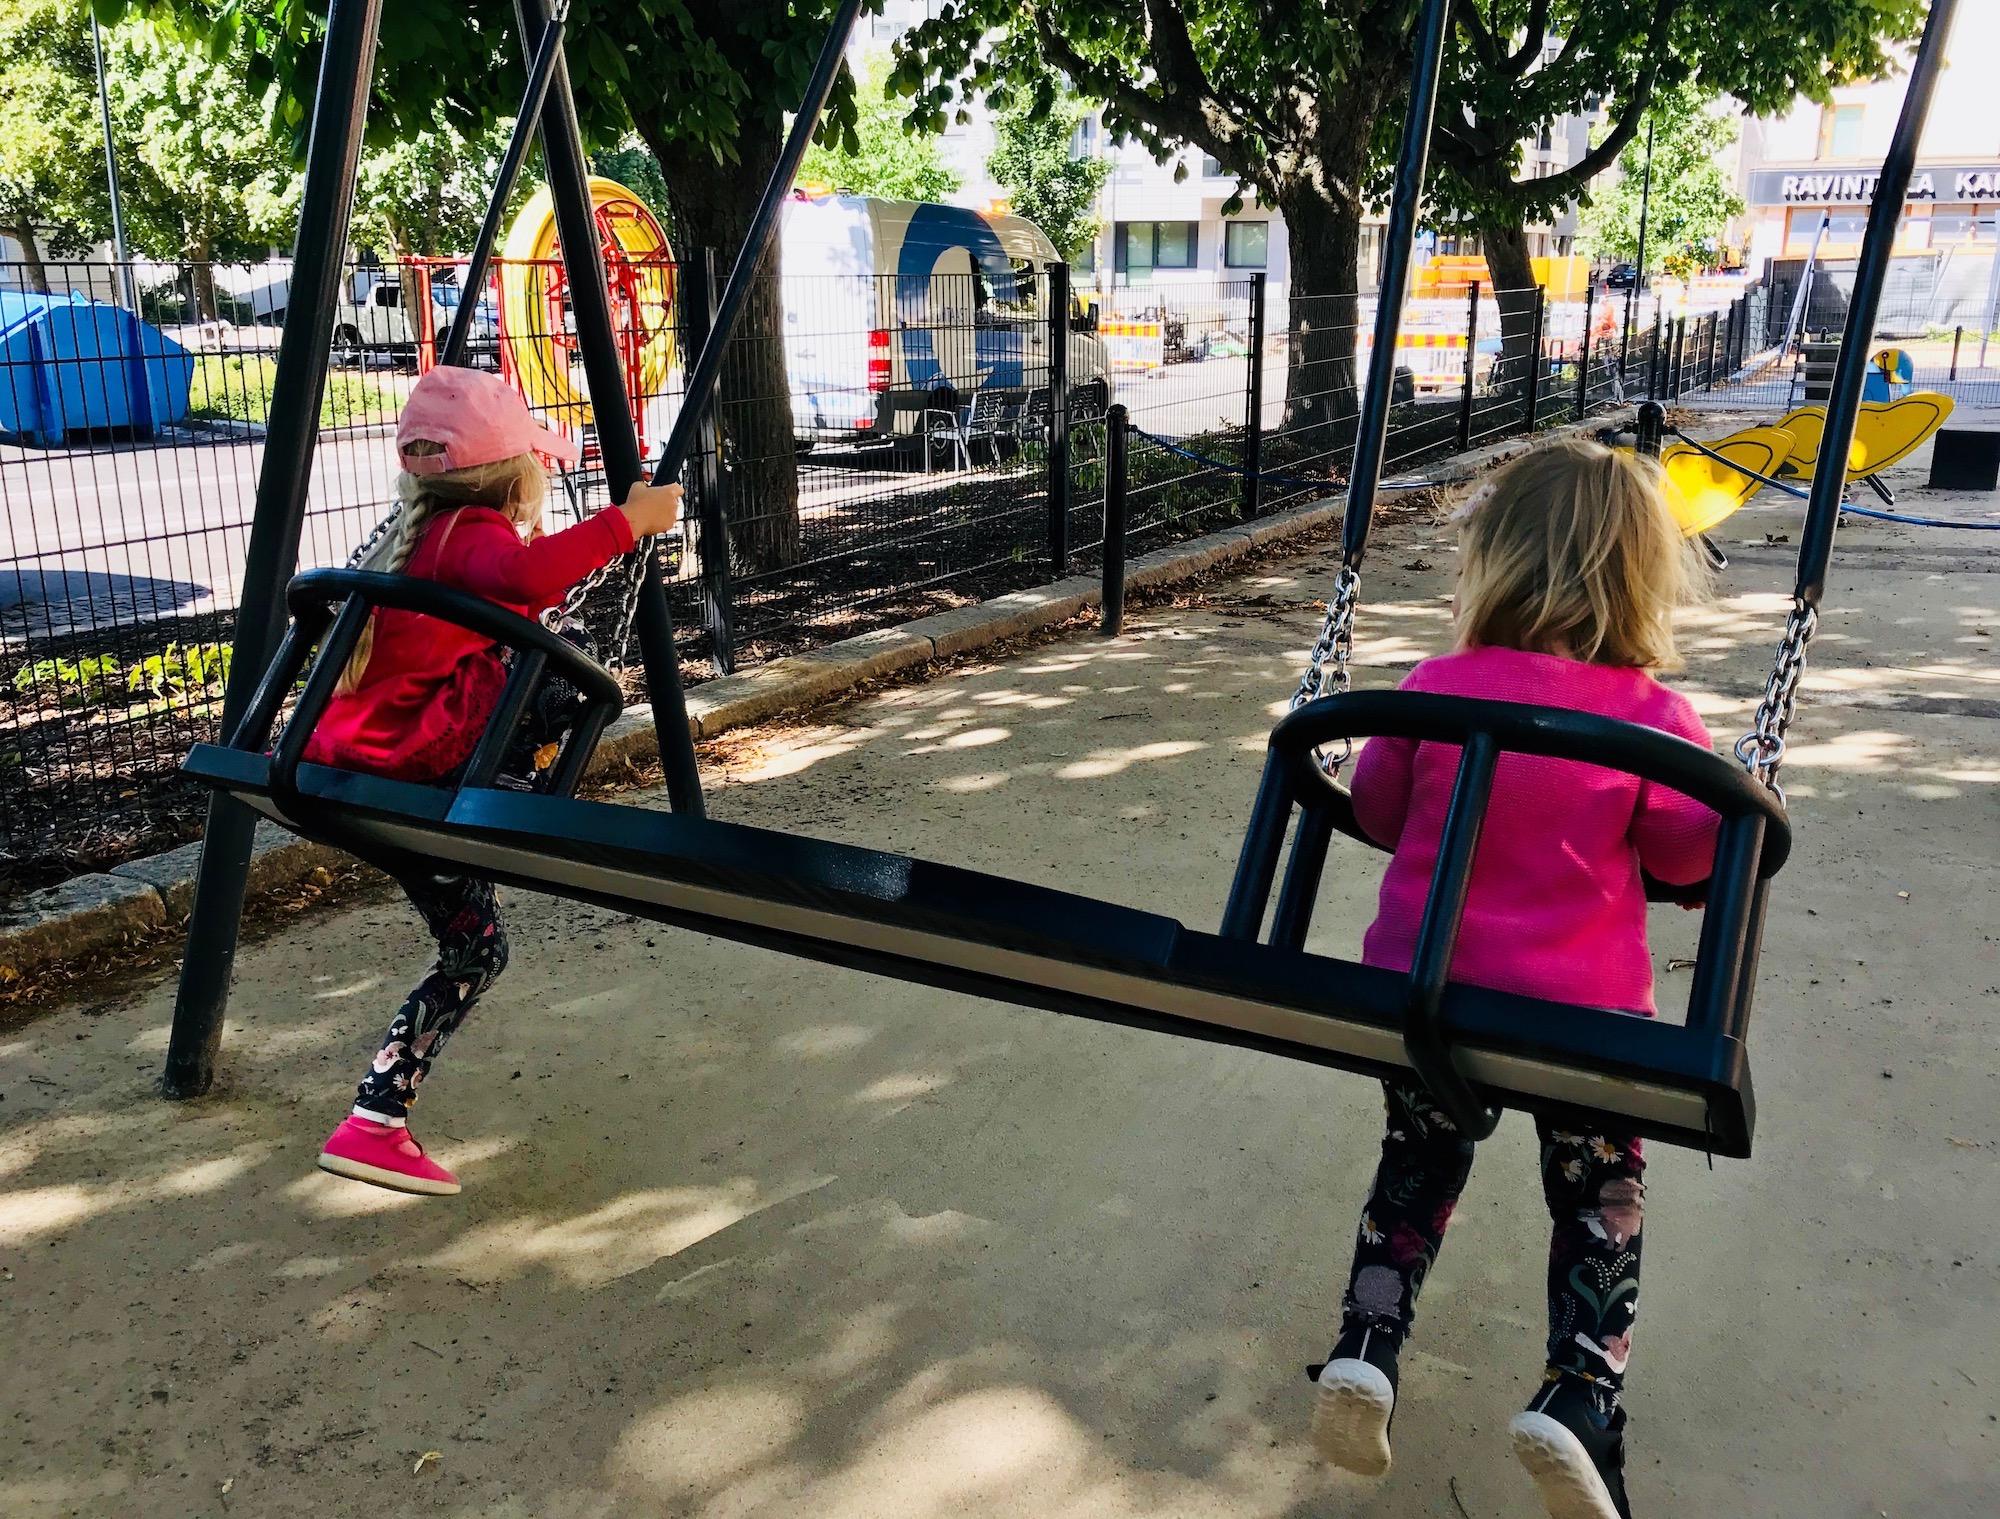 Köydenpunojanpuistikon leikkipaikasta löytyy mahtava innovaatio: yhteiskeinu!